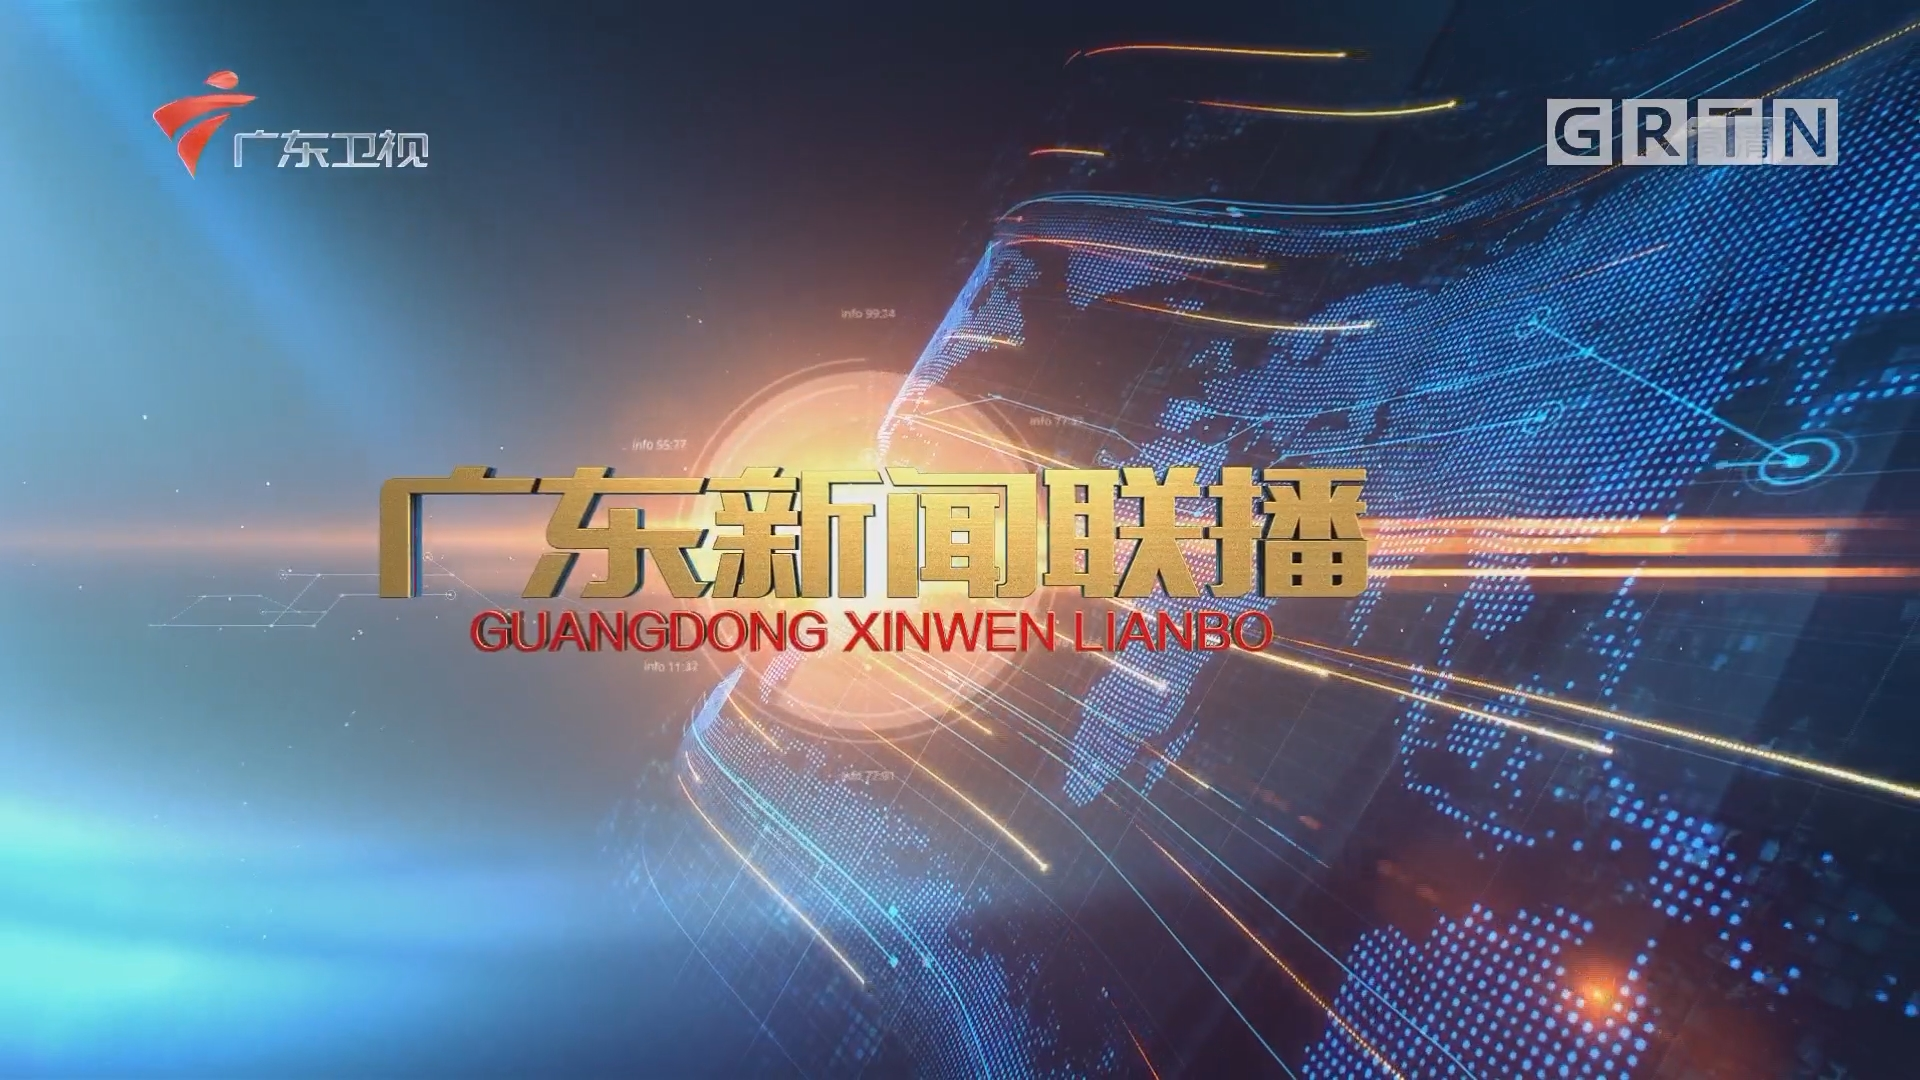 [2018-09-29]广东新闻联播